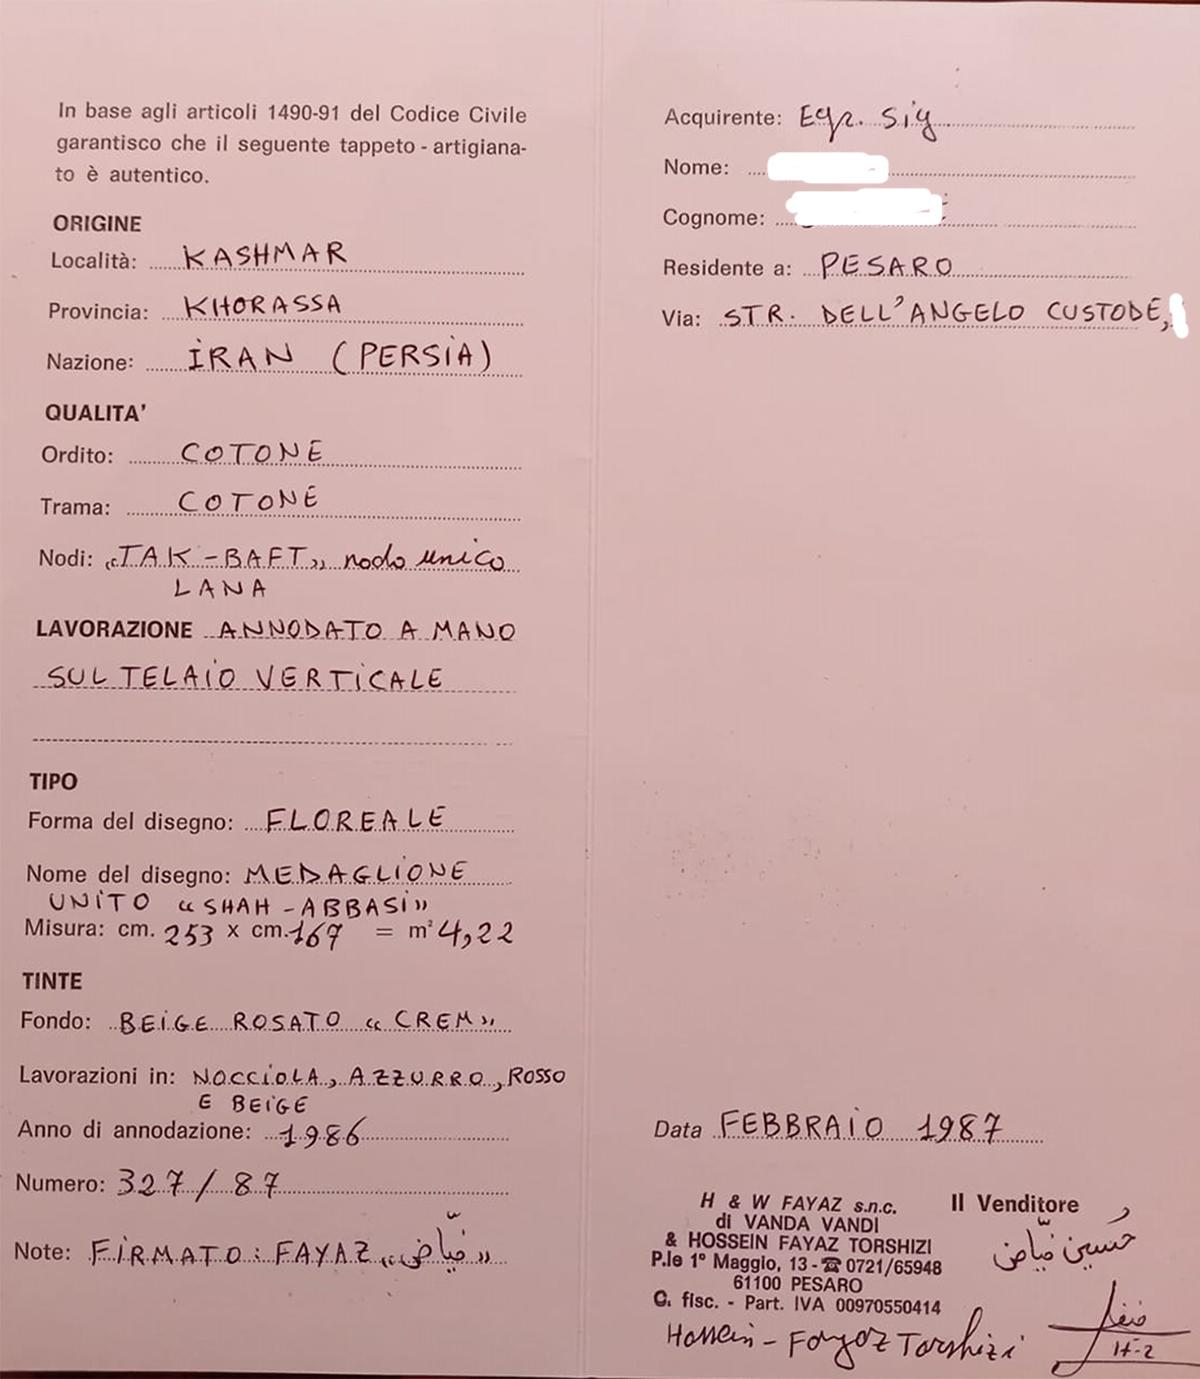 N. 10808 Kashmar, Iran, certificato di autenticità rilasciato dalla Ditta H&W FAYAZ a Pesaro nel 1987.